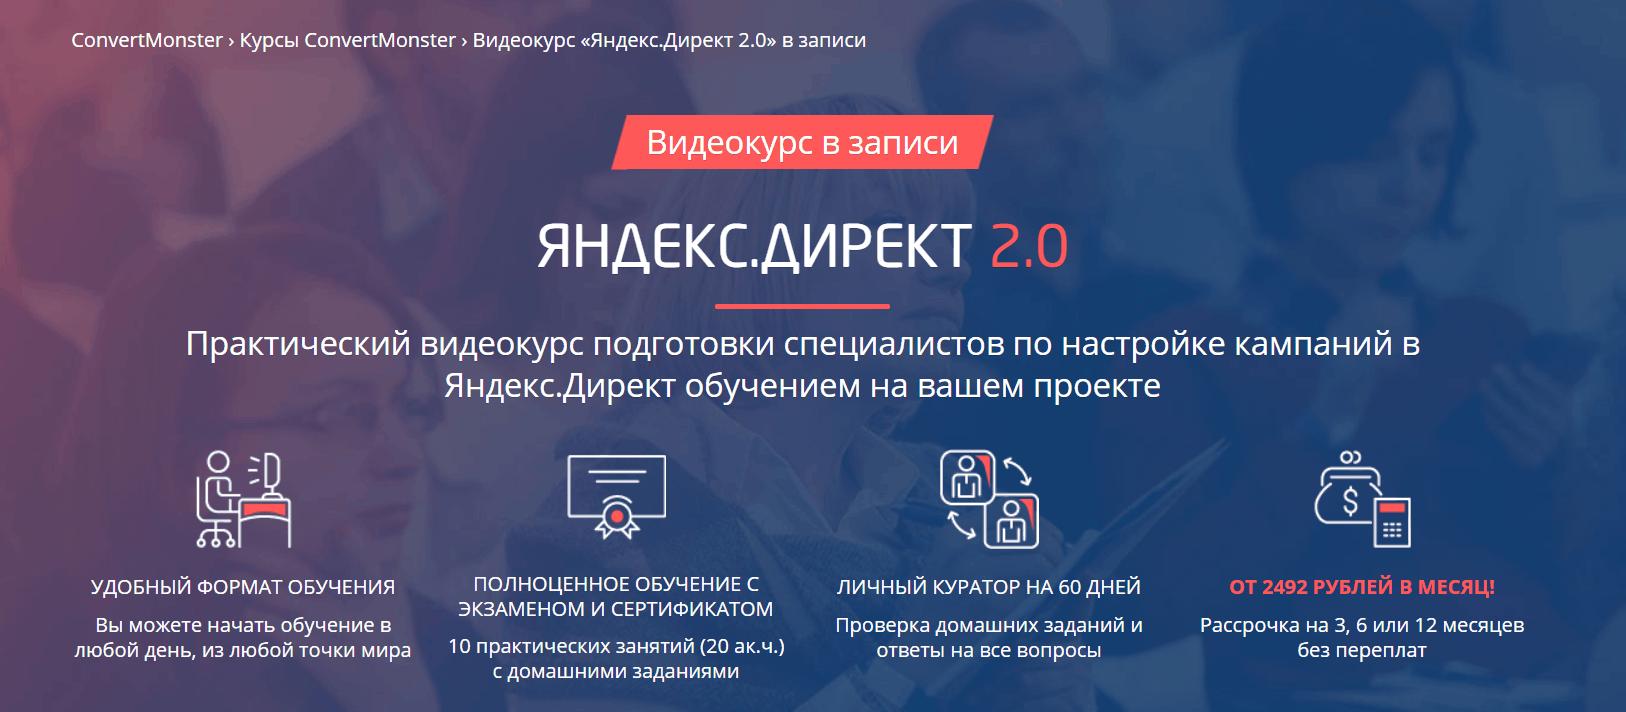 Яндекс.Директ 2.0 ConvertMonster